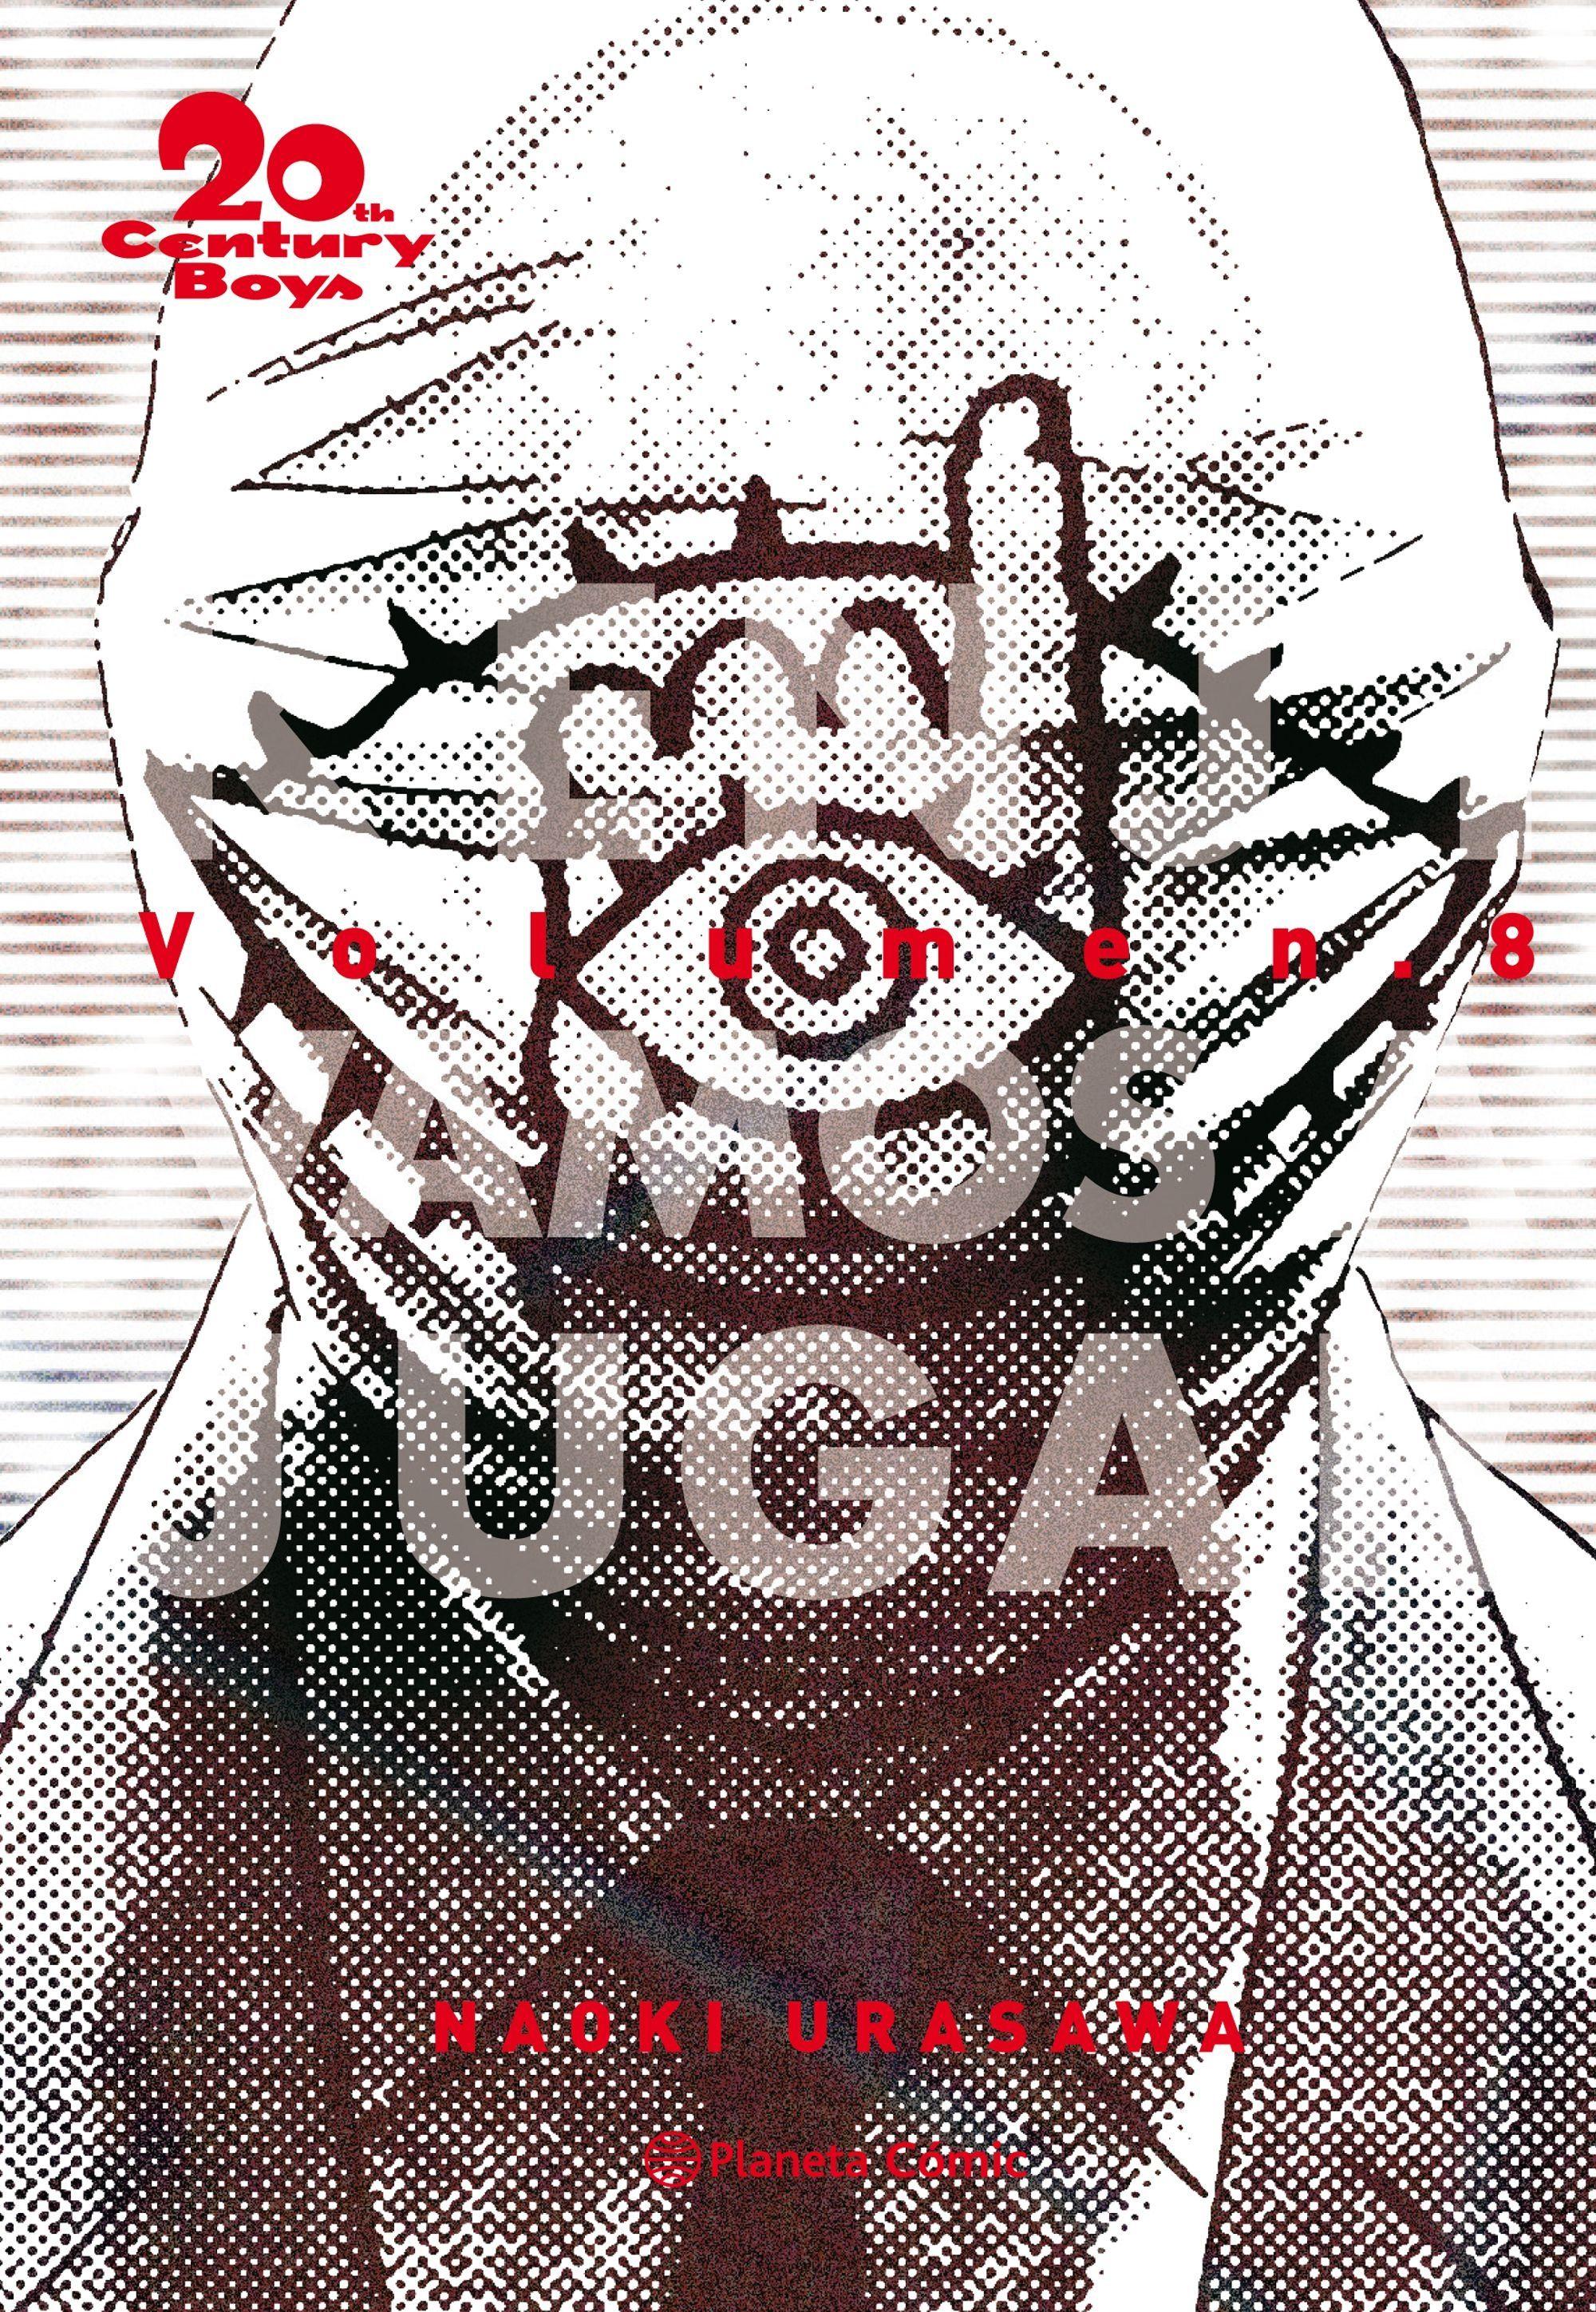 Pin de Andres Ortega en Proyectos que debo intentar